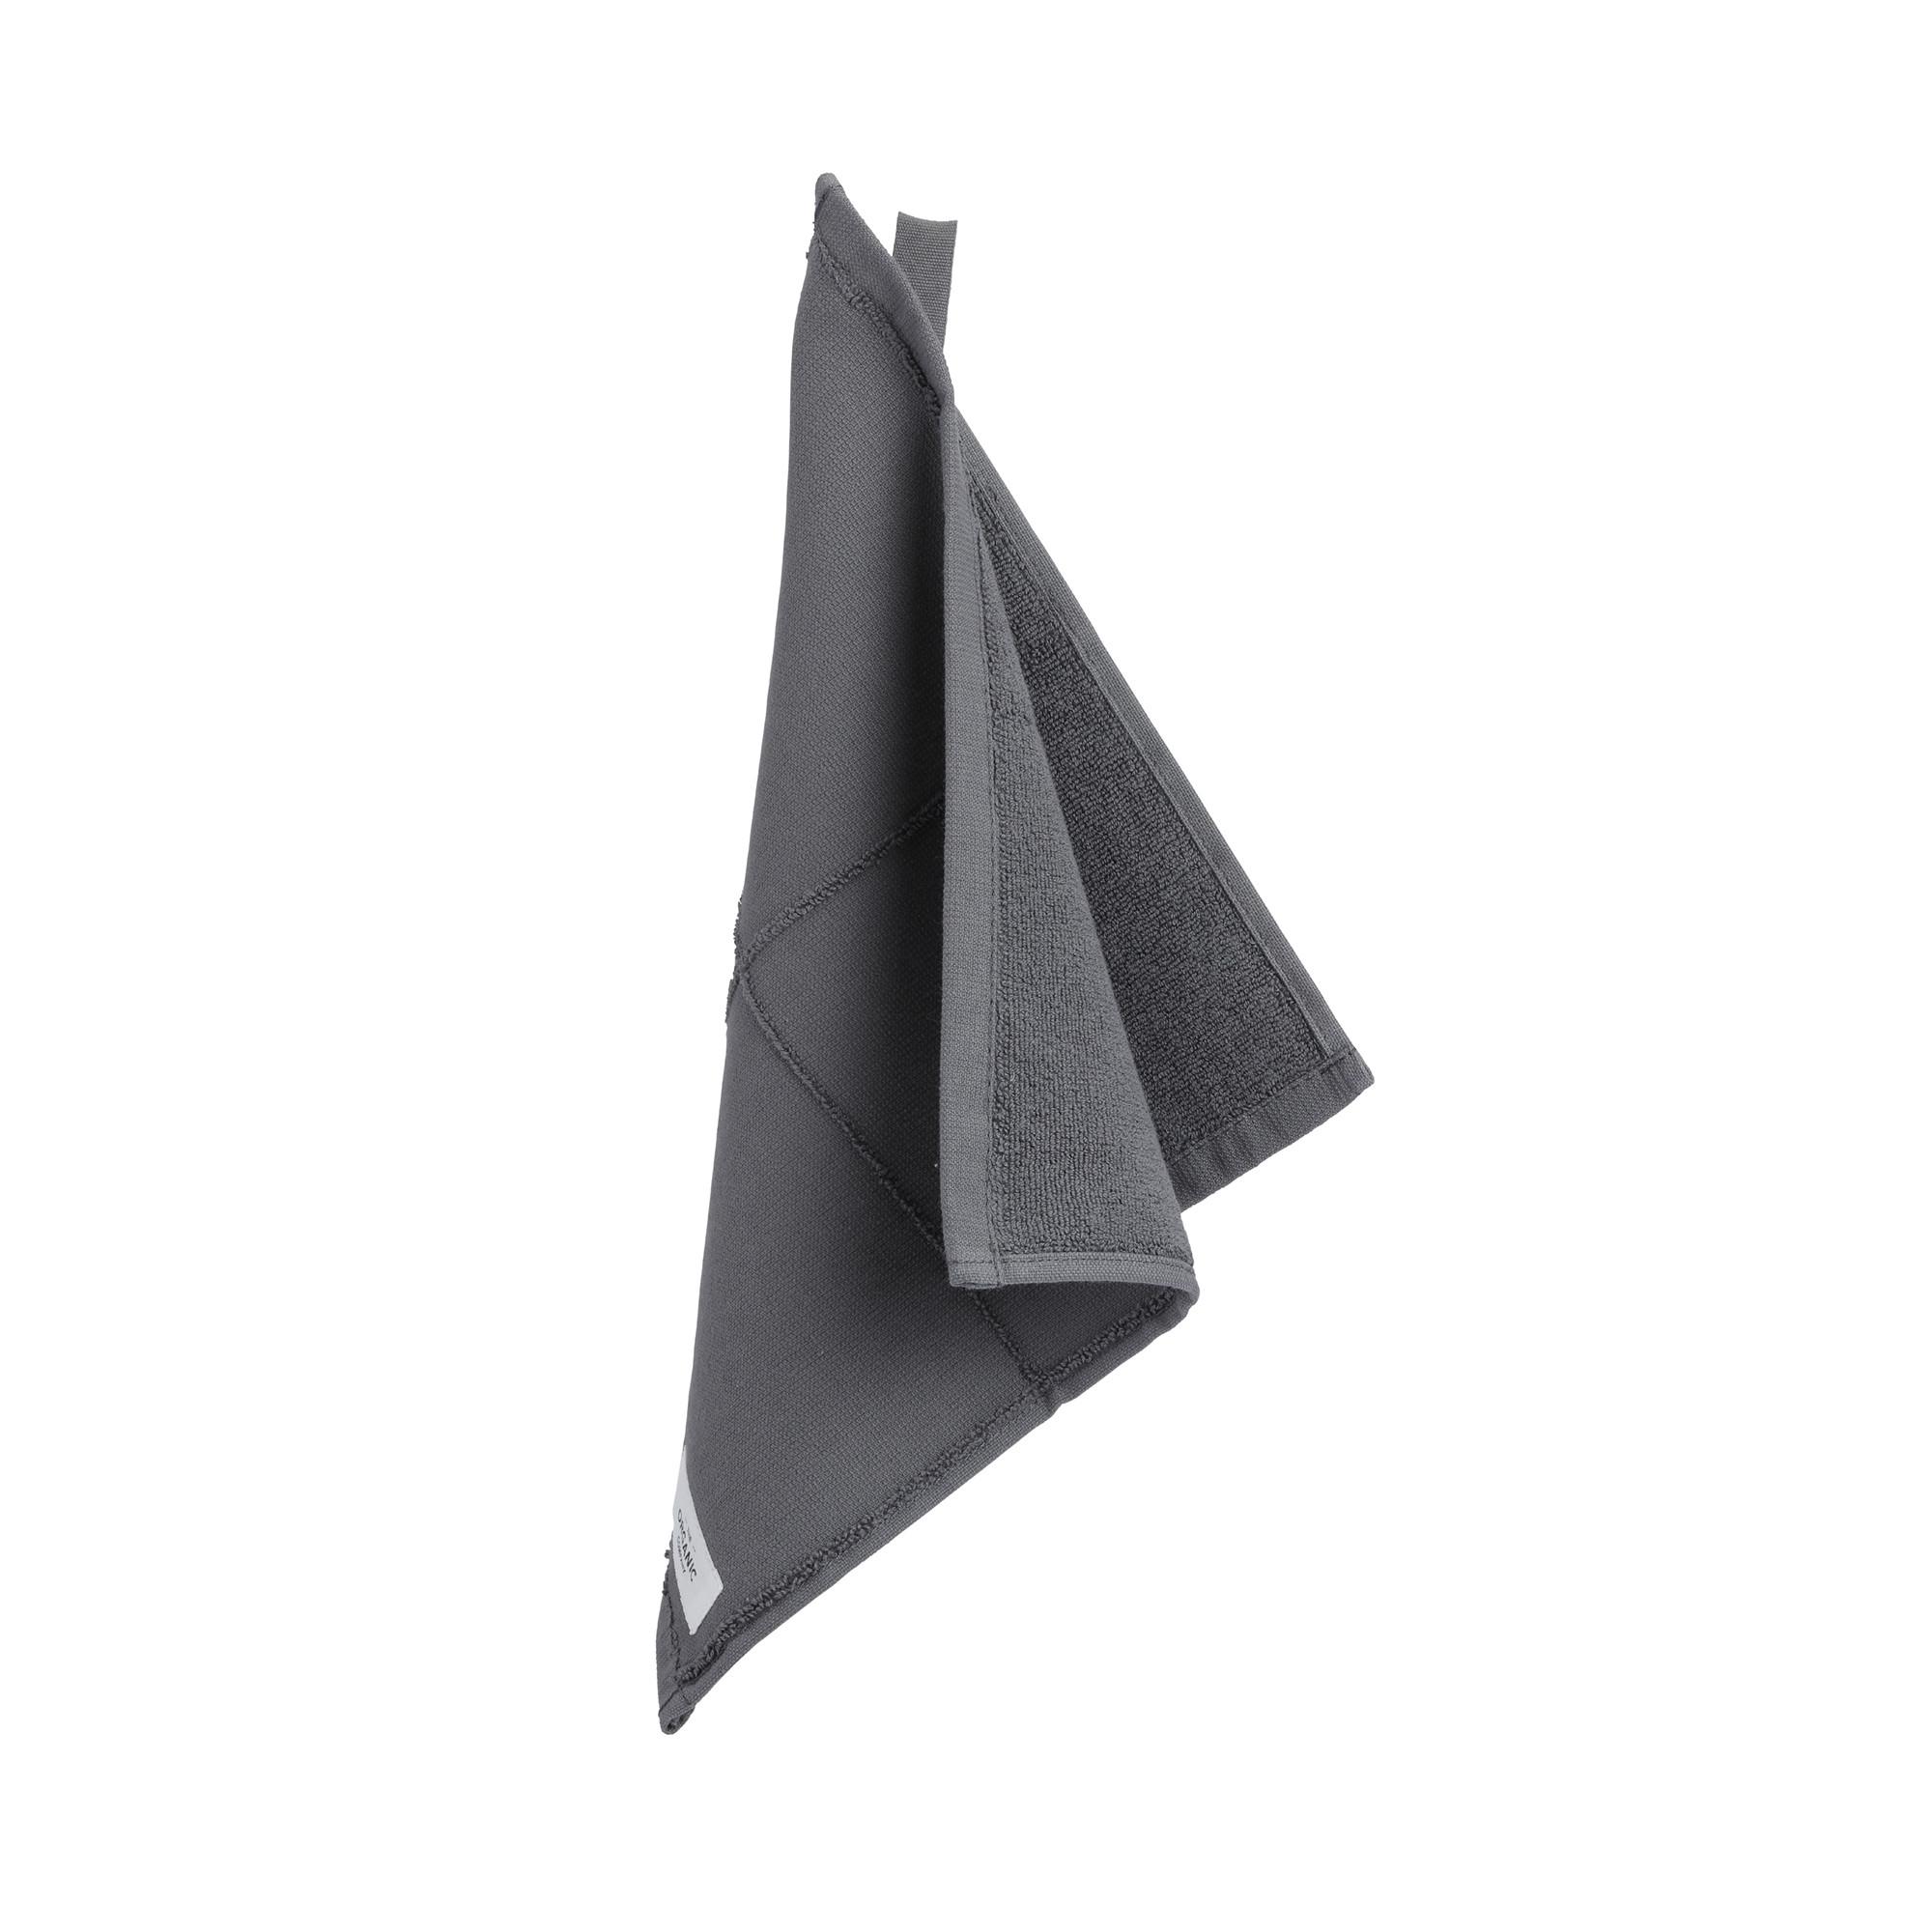 Billede af CALM Vaskeklude, Dark Grey - 4 stk.